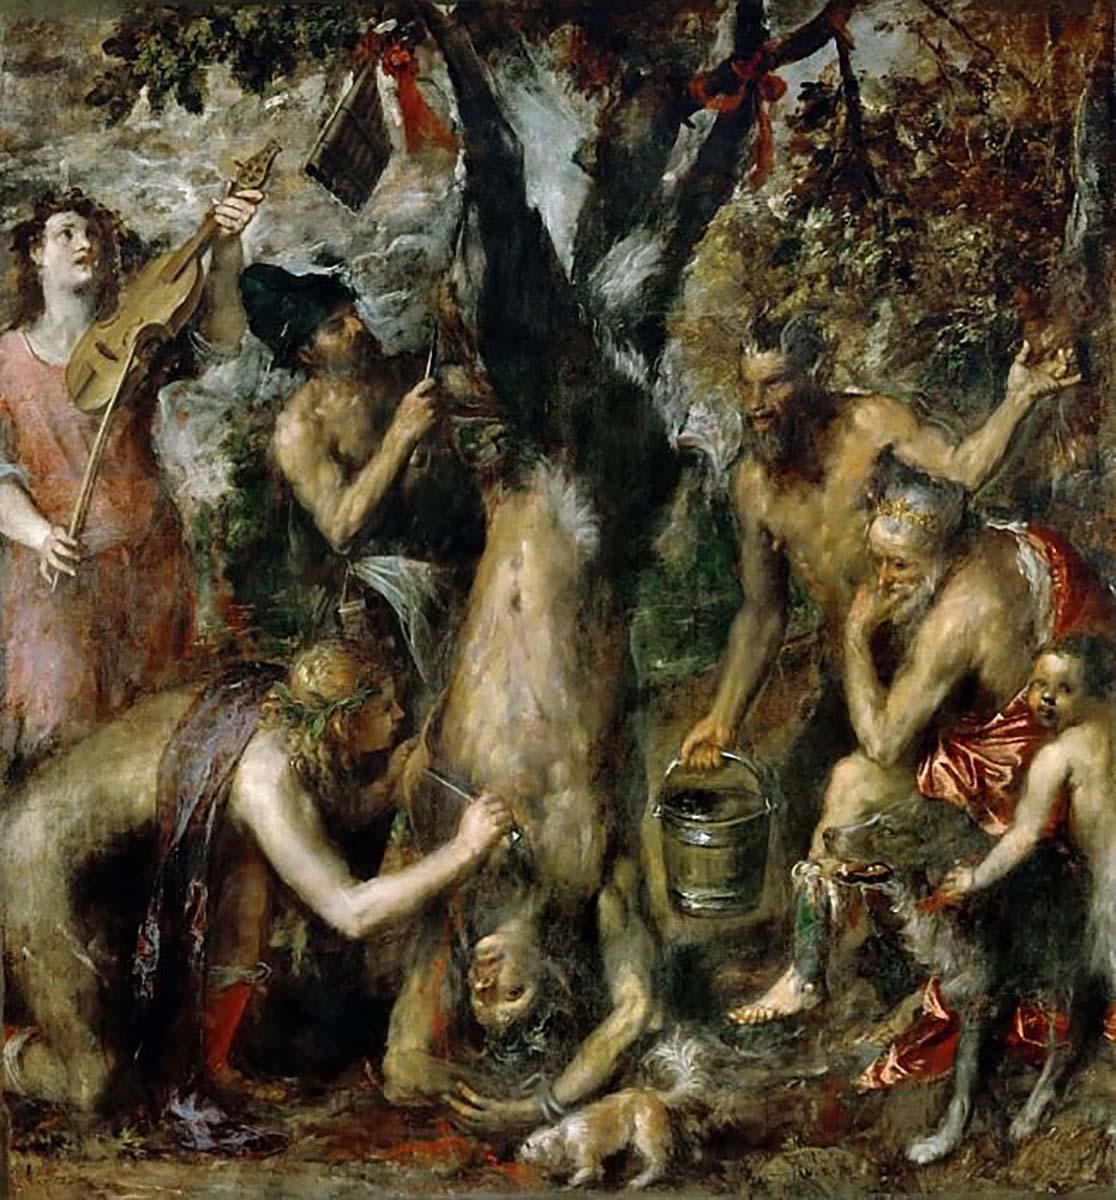 Тициан, «Наказание Марсия», 1575 год  Тициан продолжил традицию изображения мифов и легенд. Основа сюжета картины: миф об Аполлоне и Марсии. Они вступили в долгий спор, так как не могли решить, что лучше — флейта или кифара, чье мастерство выше — бога или сатира. Марсия проиграл, а за его надменность с него стали сдирать кожу. Палачом выступил сам Аполлон, он изображён на корточках с ножом в руке. Взгляд зрителя привлекает персонаж, сидящий справа от главного. Он напоминает самого Тициана, наблюдающего за сценой. Собаки изображены на полотне не случайно: в большинстве культур собака — друг человека и защитник. Однако на картине одна собака бессердечная и гордая, а вторая жадно пьет кровь мученика. Для Тициана картина стала его собственным посланием о гордости и высокомерии.